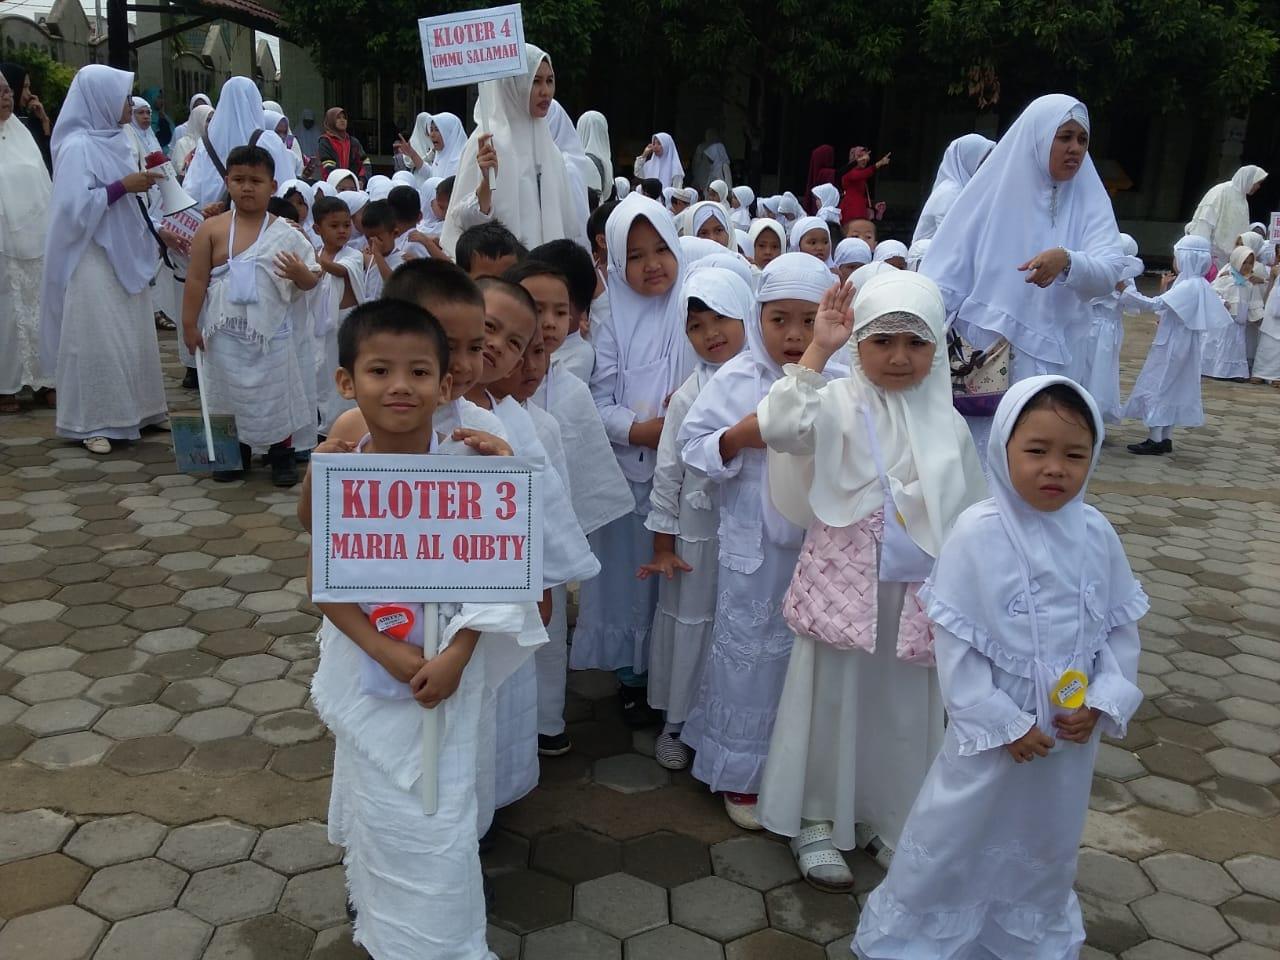 10 Kloter Jamaah Haji Berada di Kampus A